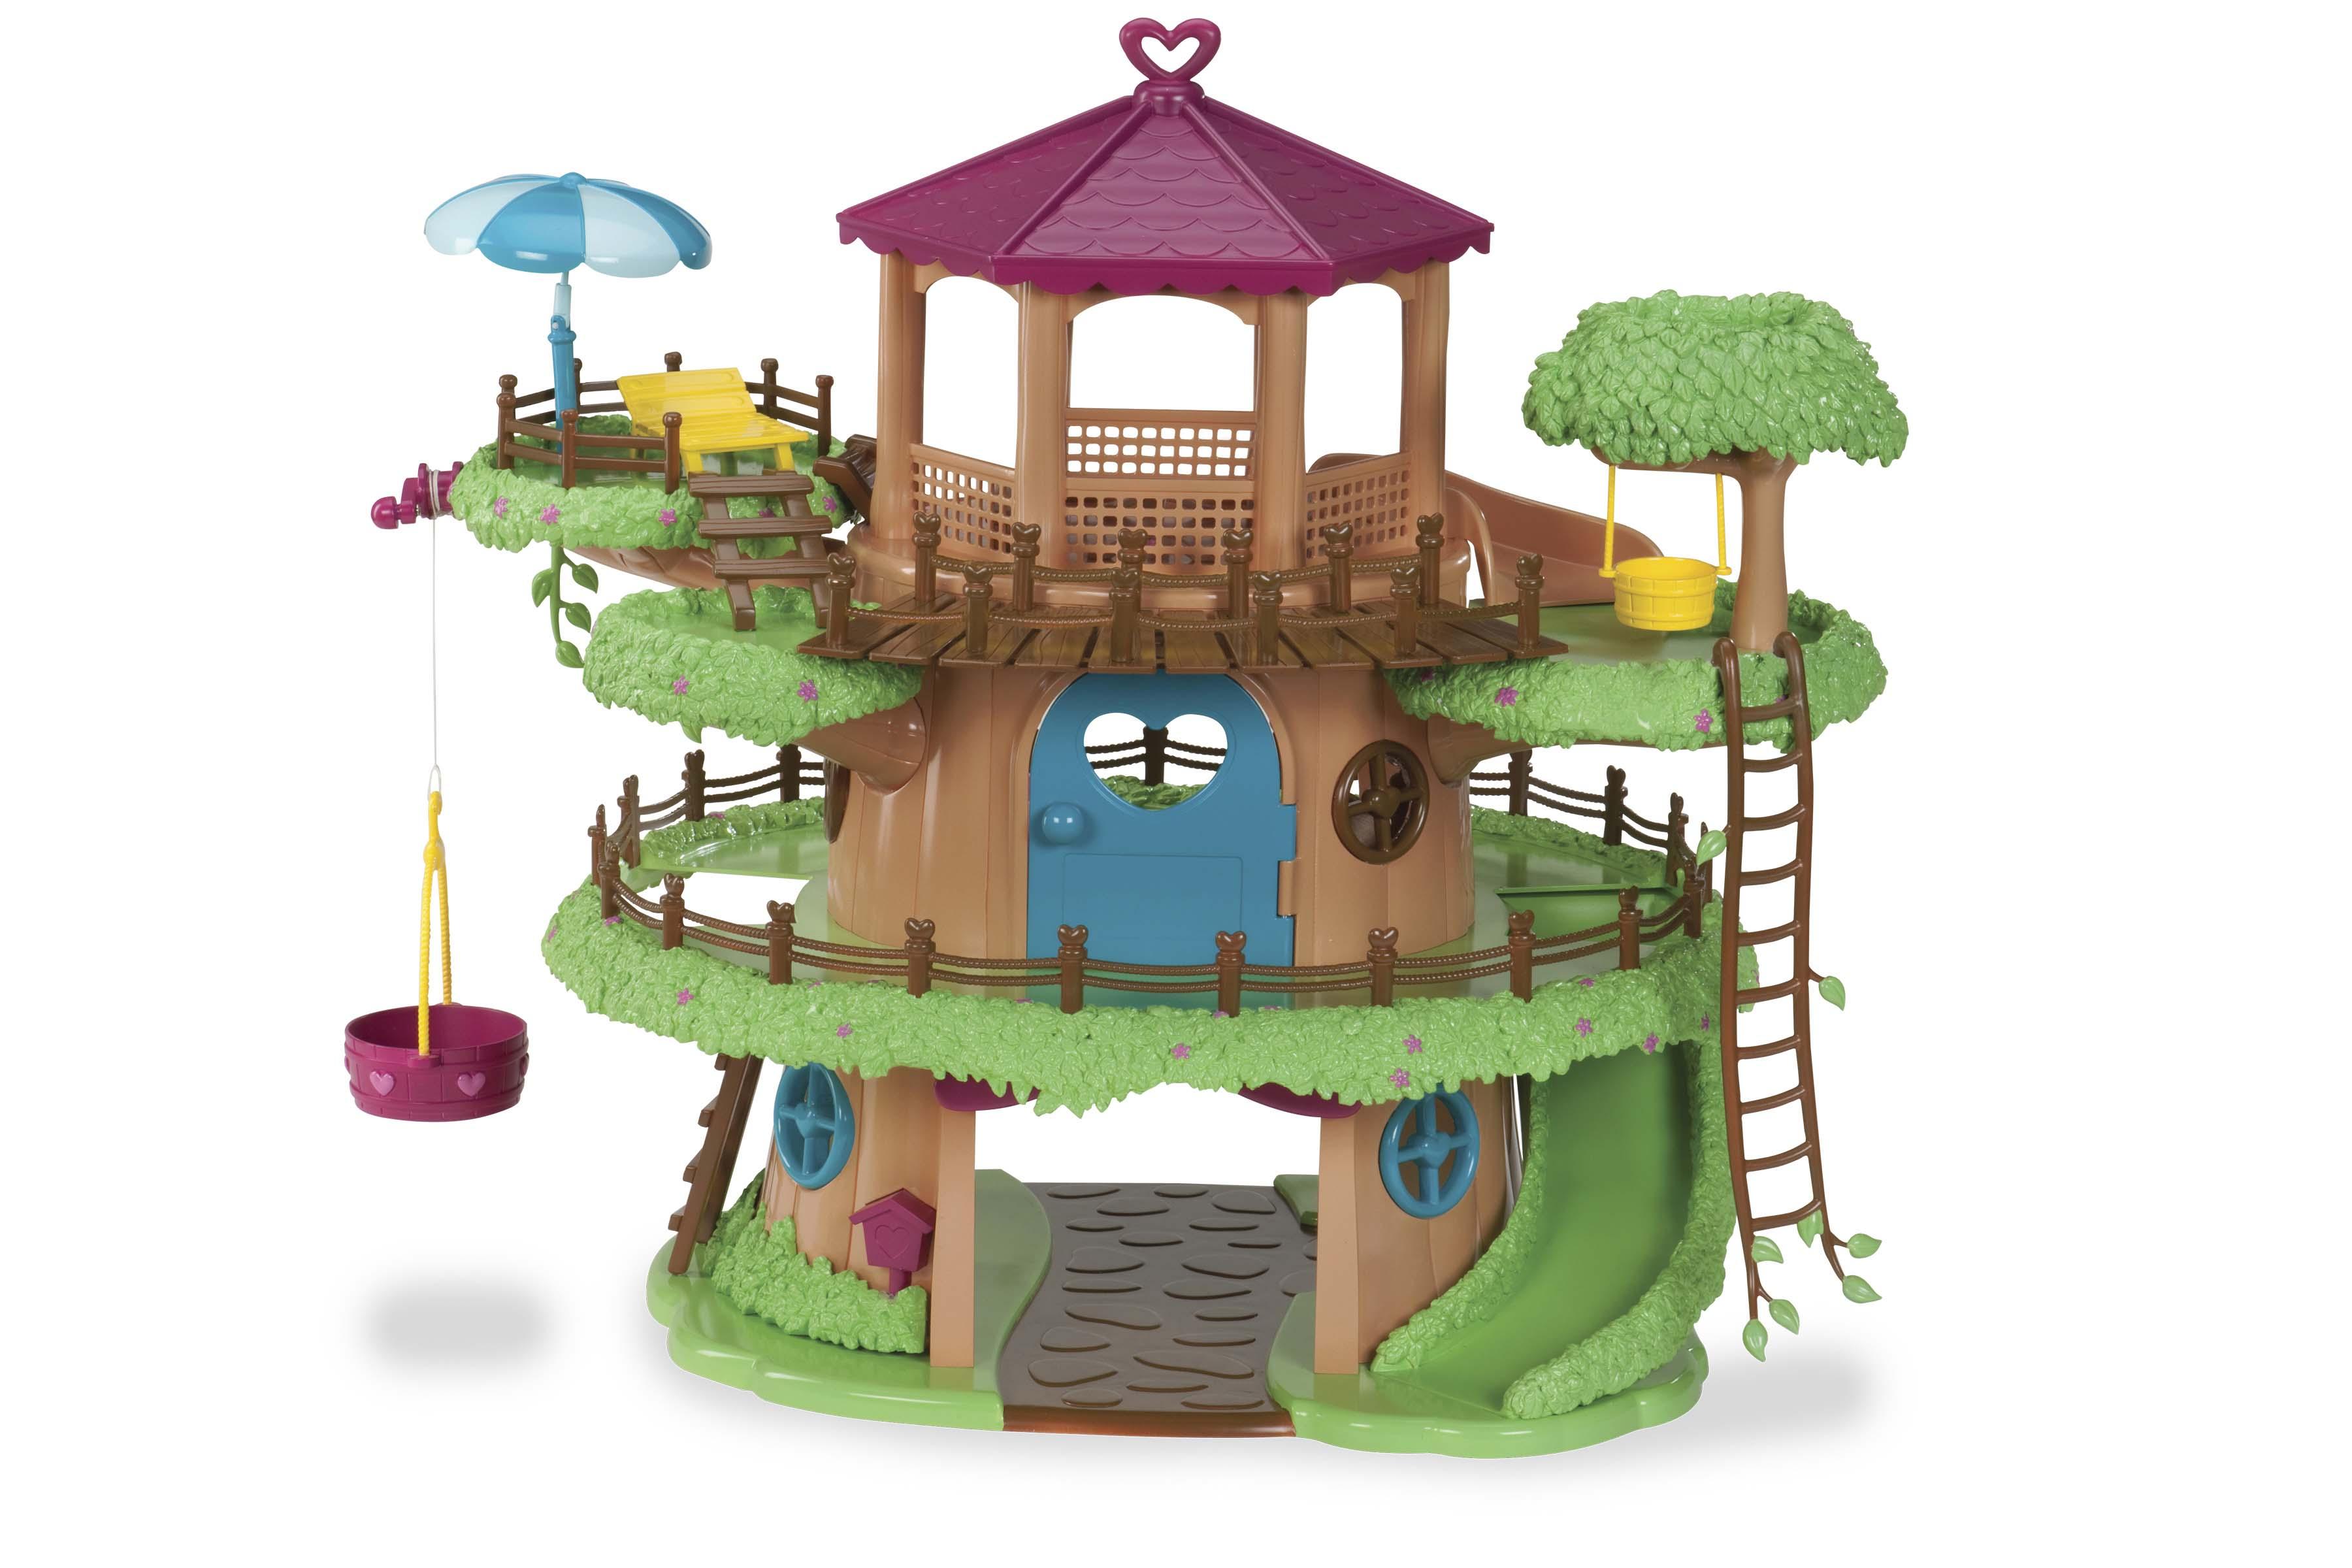 Maison dans l 39 arbre club jouet achat de jeux et jouets for Arbre maison jouet